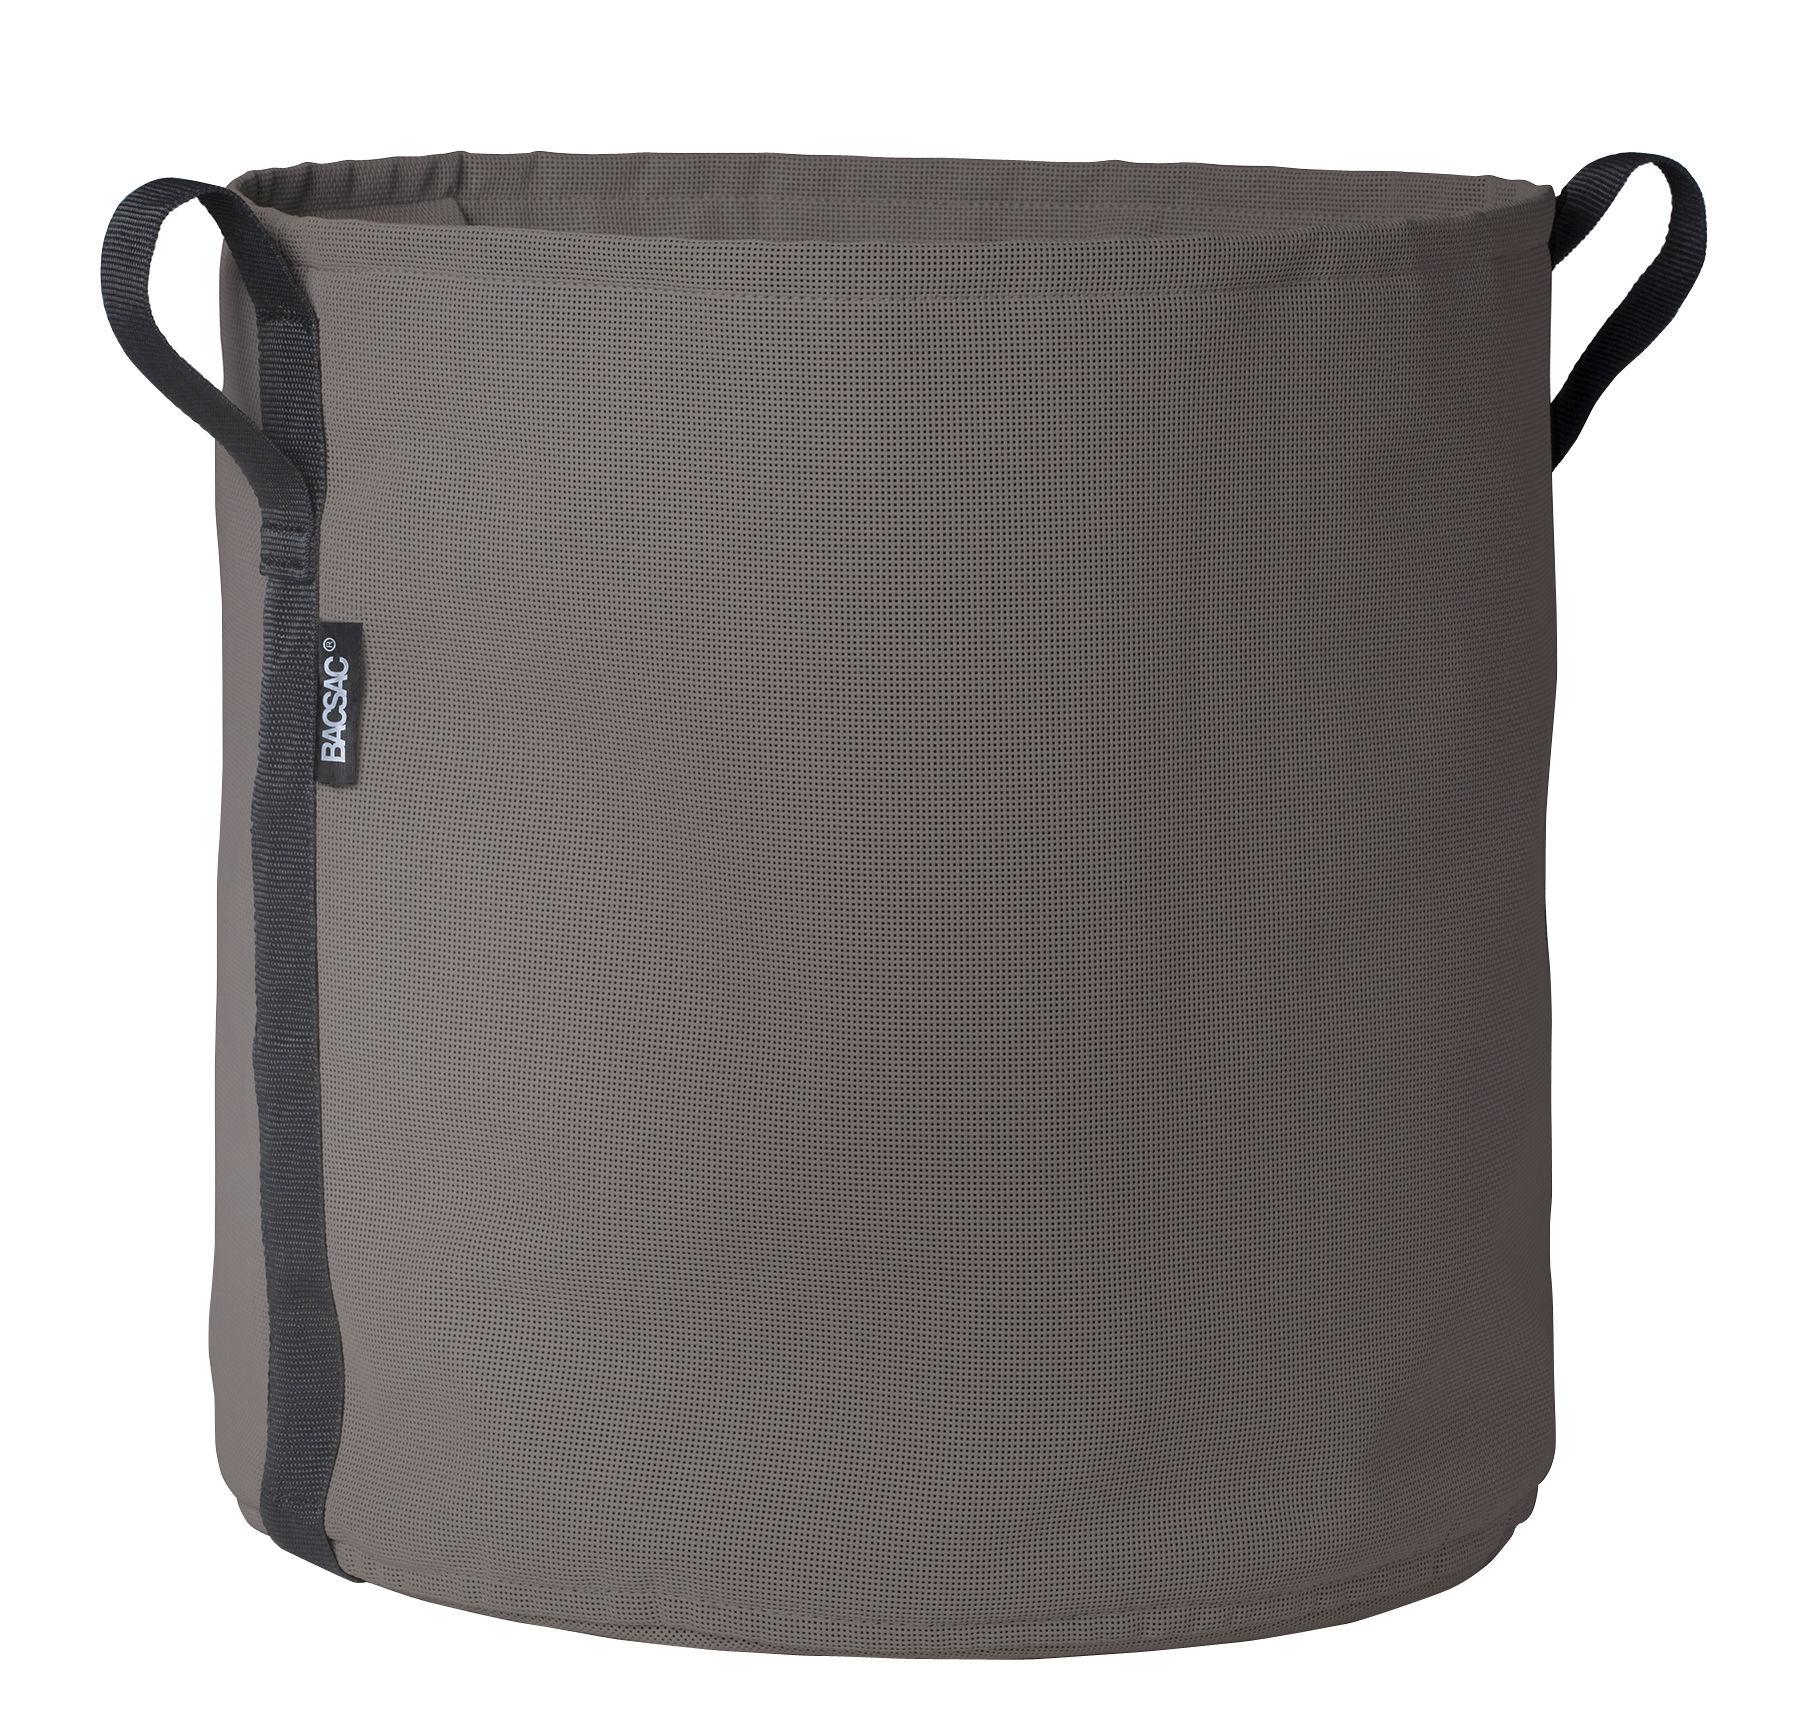 Outdoor - Töpfe und Pflanzen - Batyline® Blumentopf / Outdoor-Version - 50 l - Bacsac - Taupe - Toile Batyline®